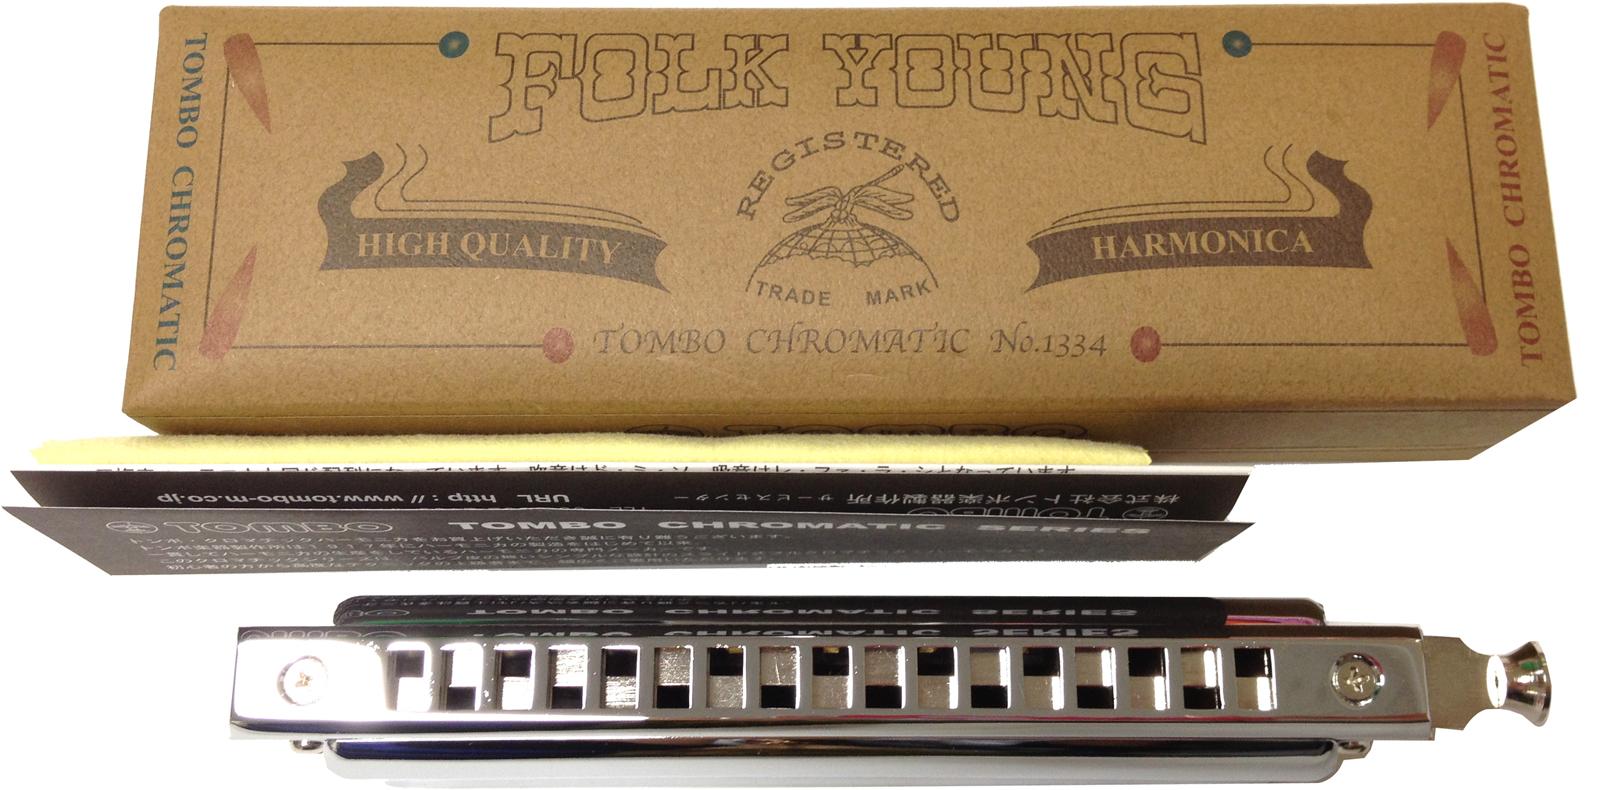 没有库存限度复数声音口琴演奏者推荐的阀门的放映装置式kuromachikkuhamonikatombofokuyangu No.1334 C风格17洞孔复数声音排列乐器